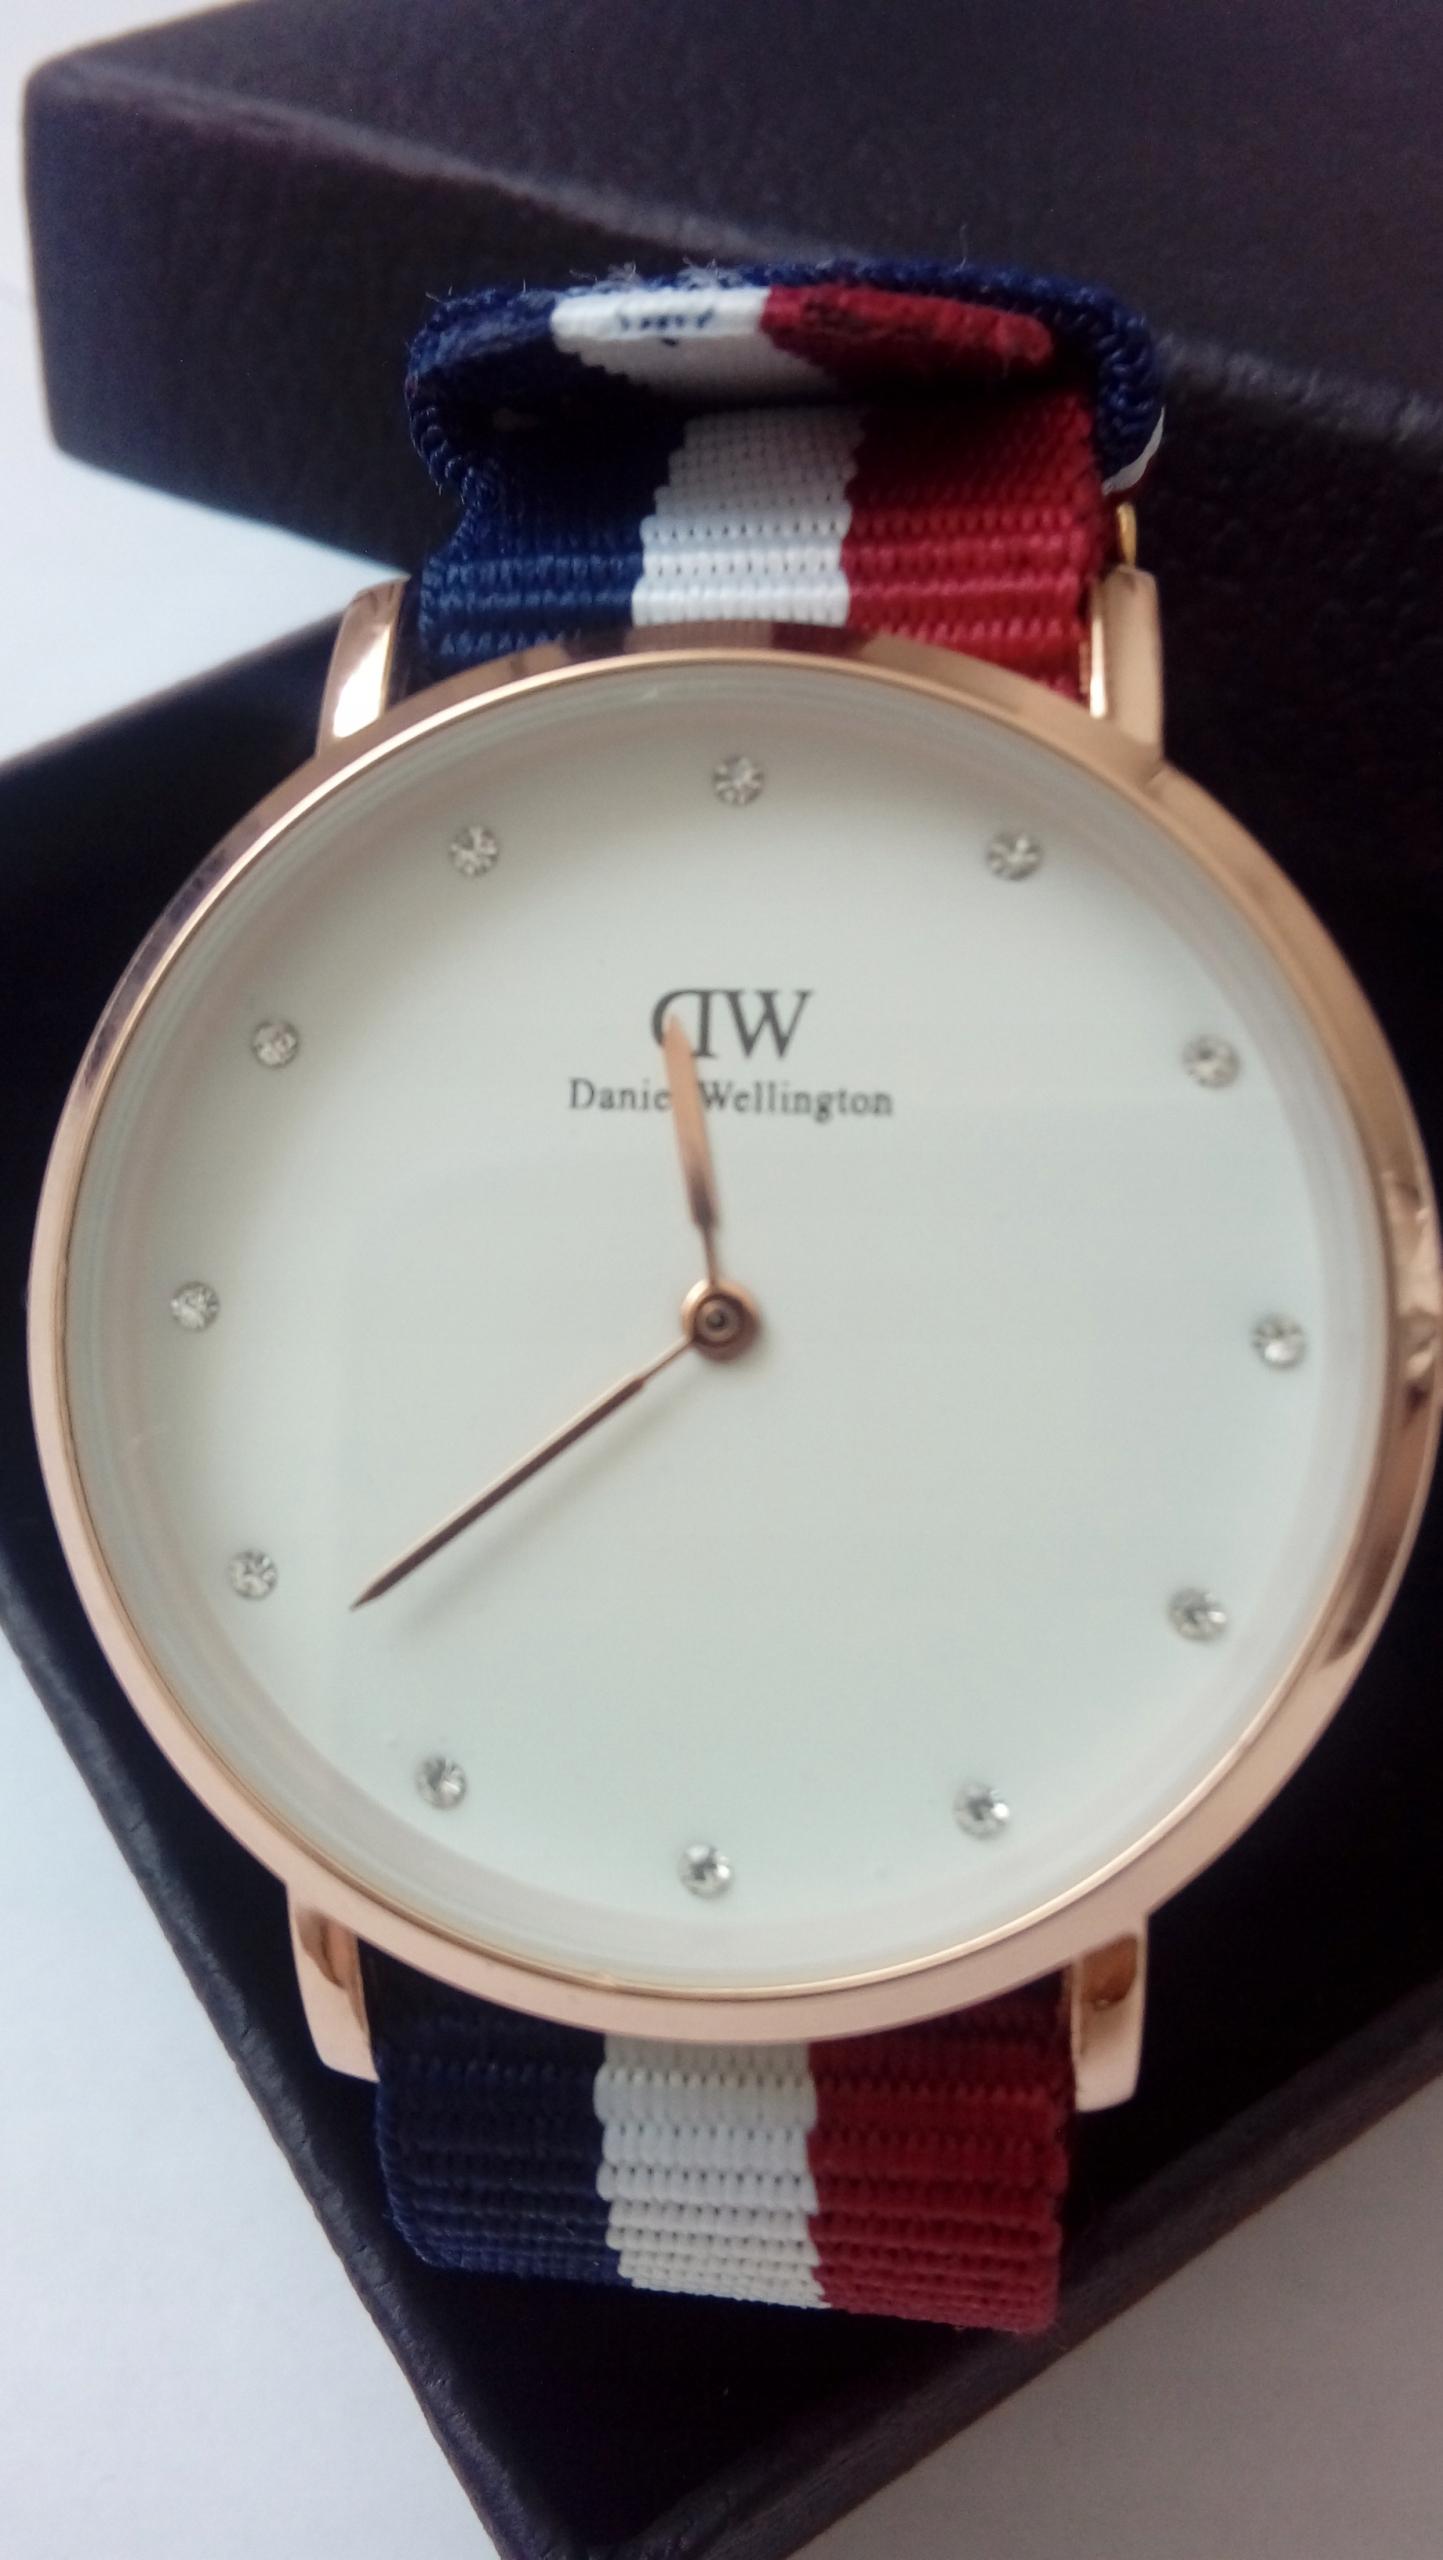 Daniel Wellington zegarek damski 0962DW 34 mm